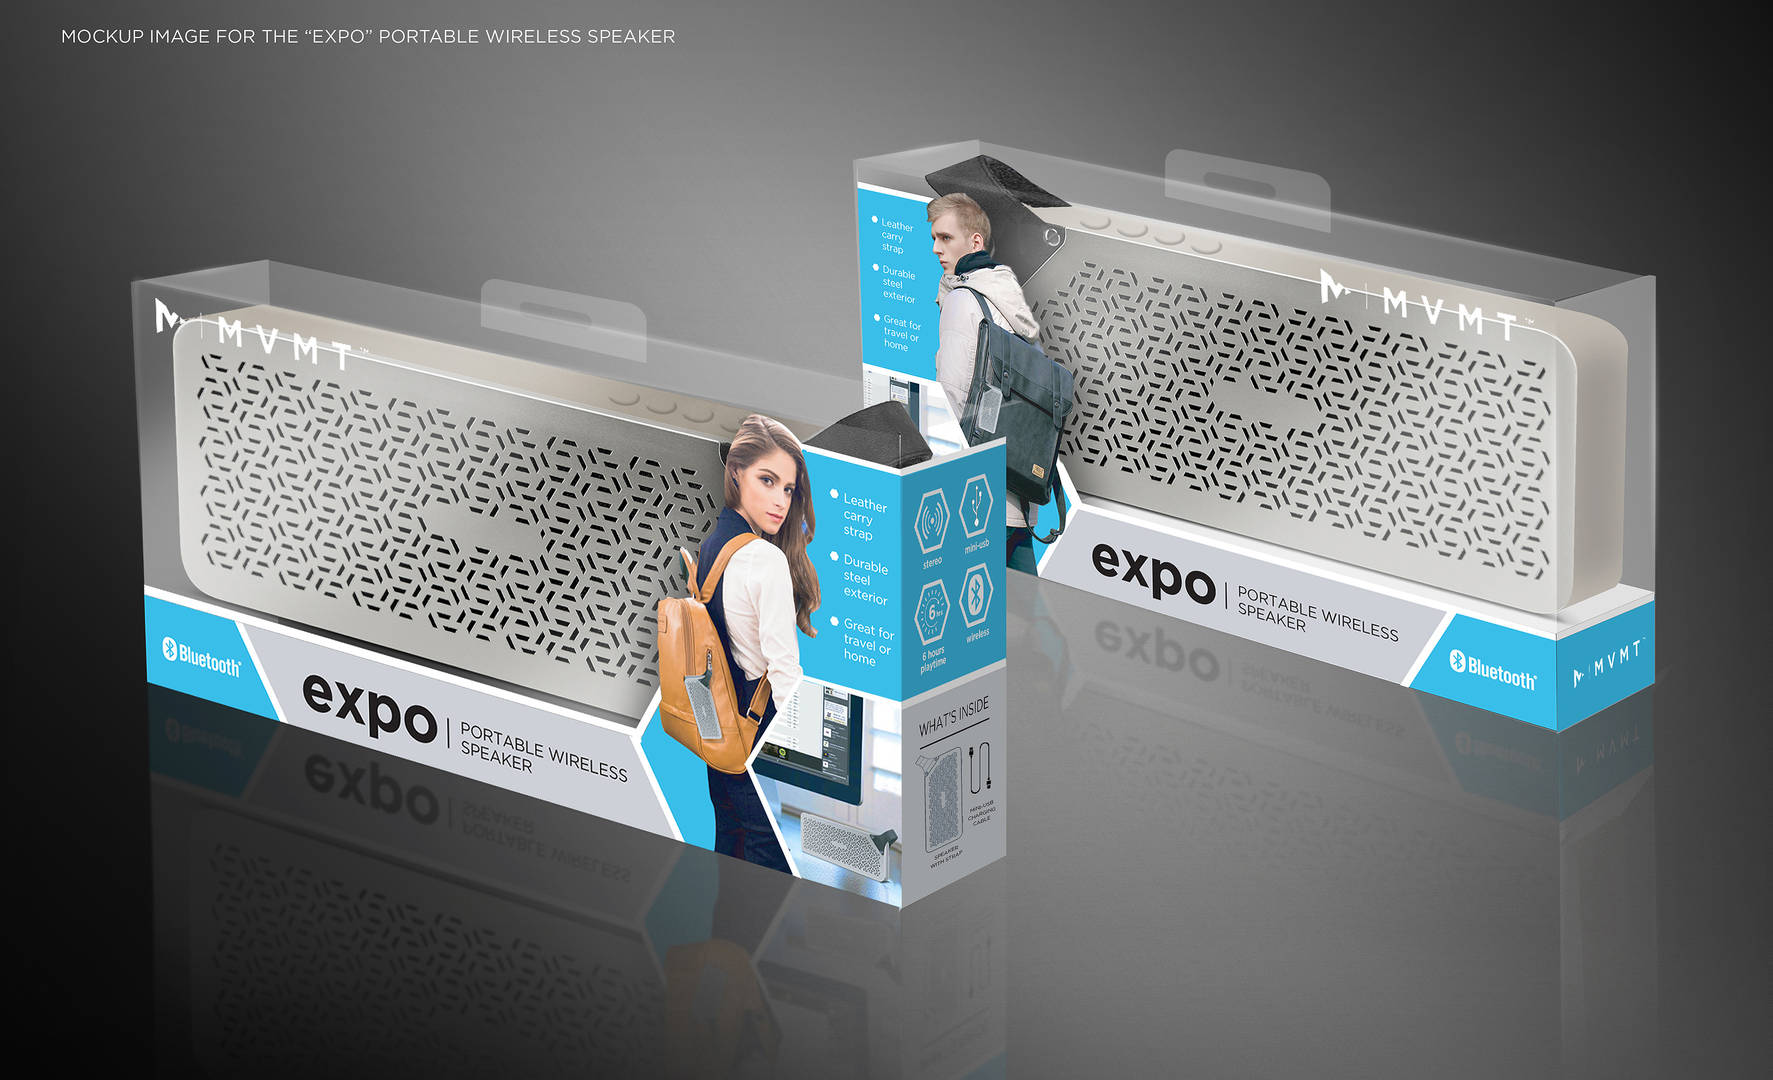 Expo bluetooth speakers